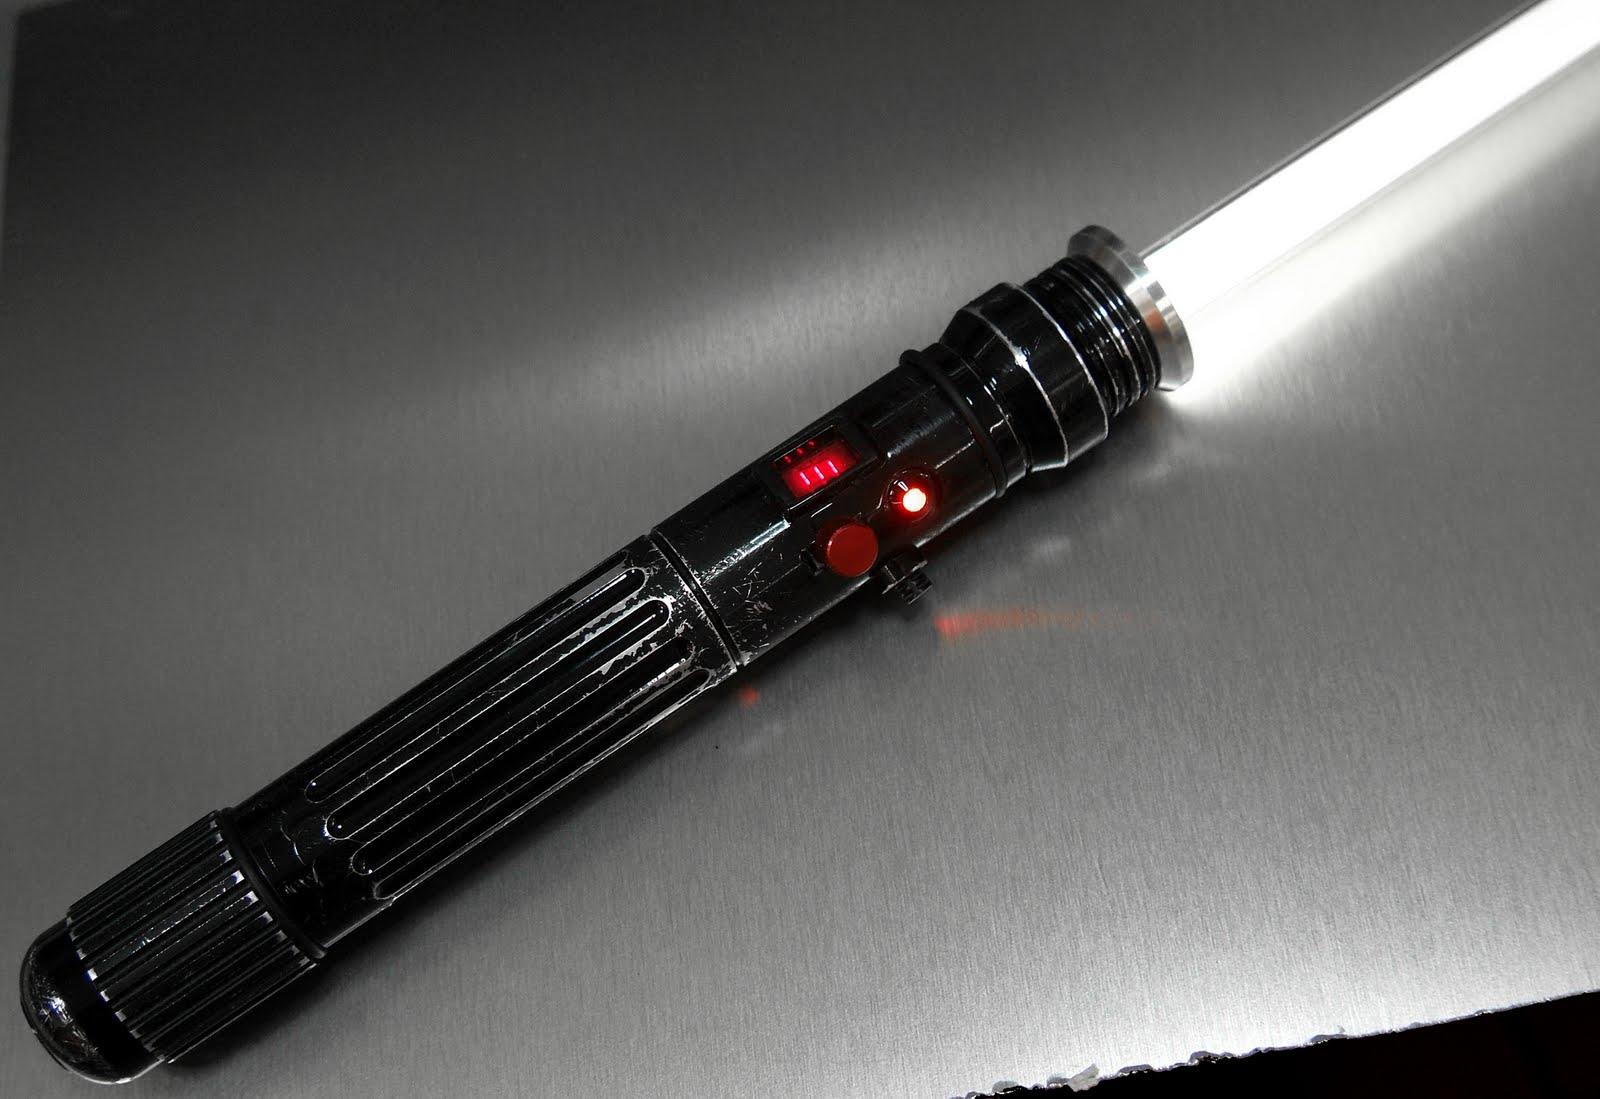 Graflex Saber Hand-made Skywalker Lightsaber Calls to Us ... |Prototype Lightsaber